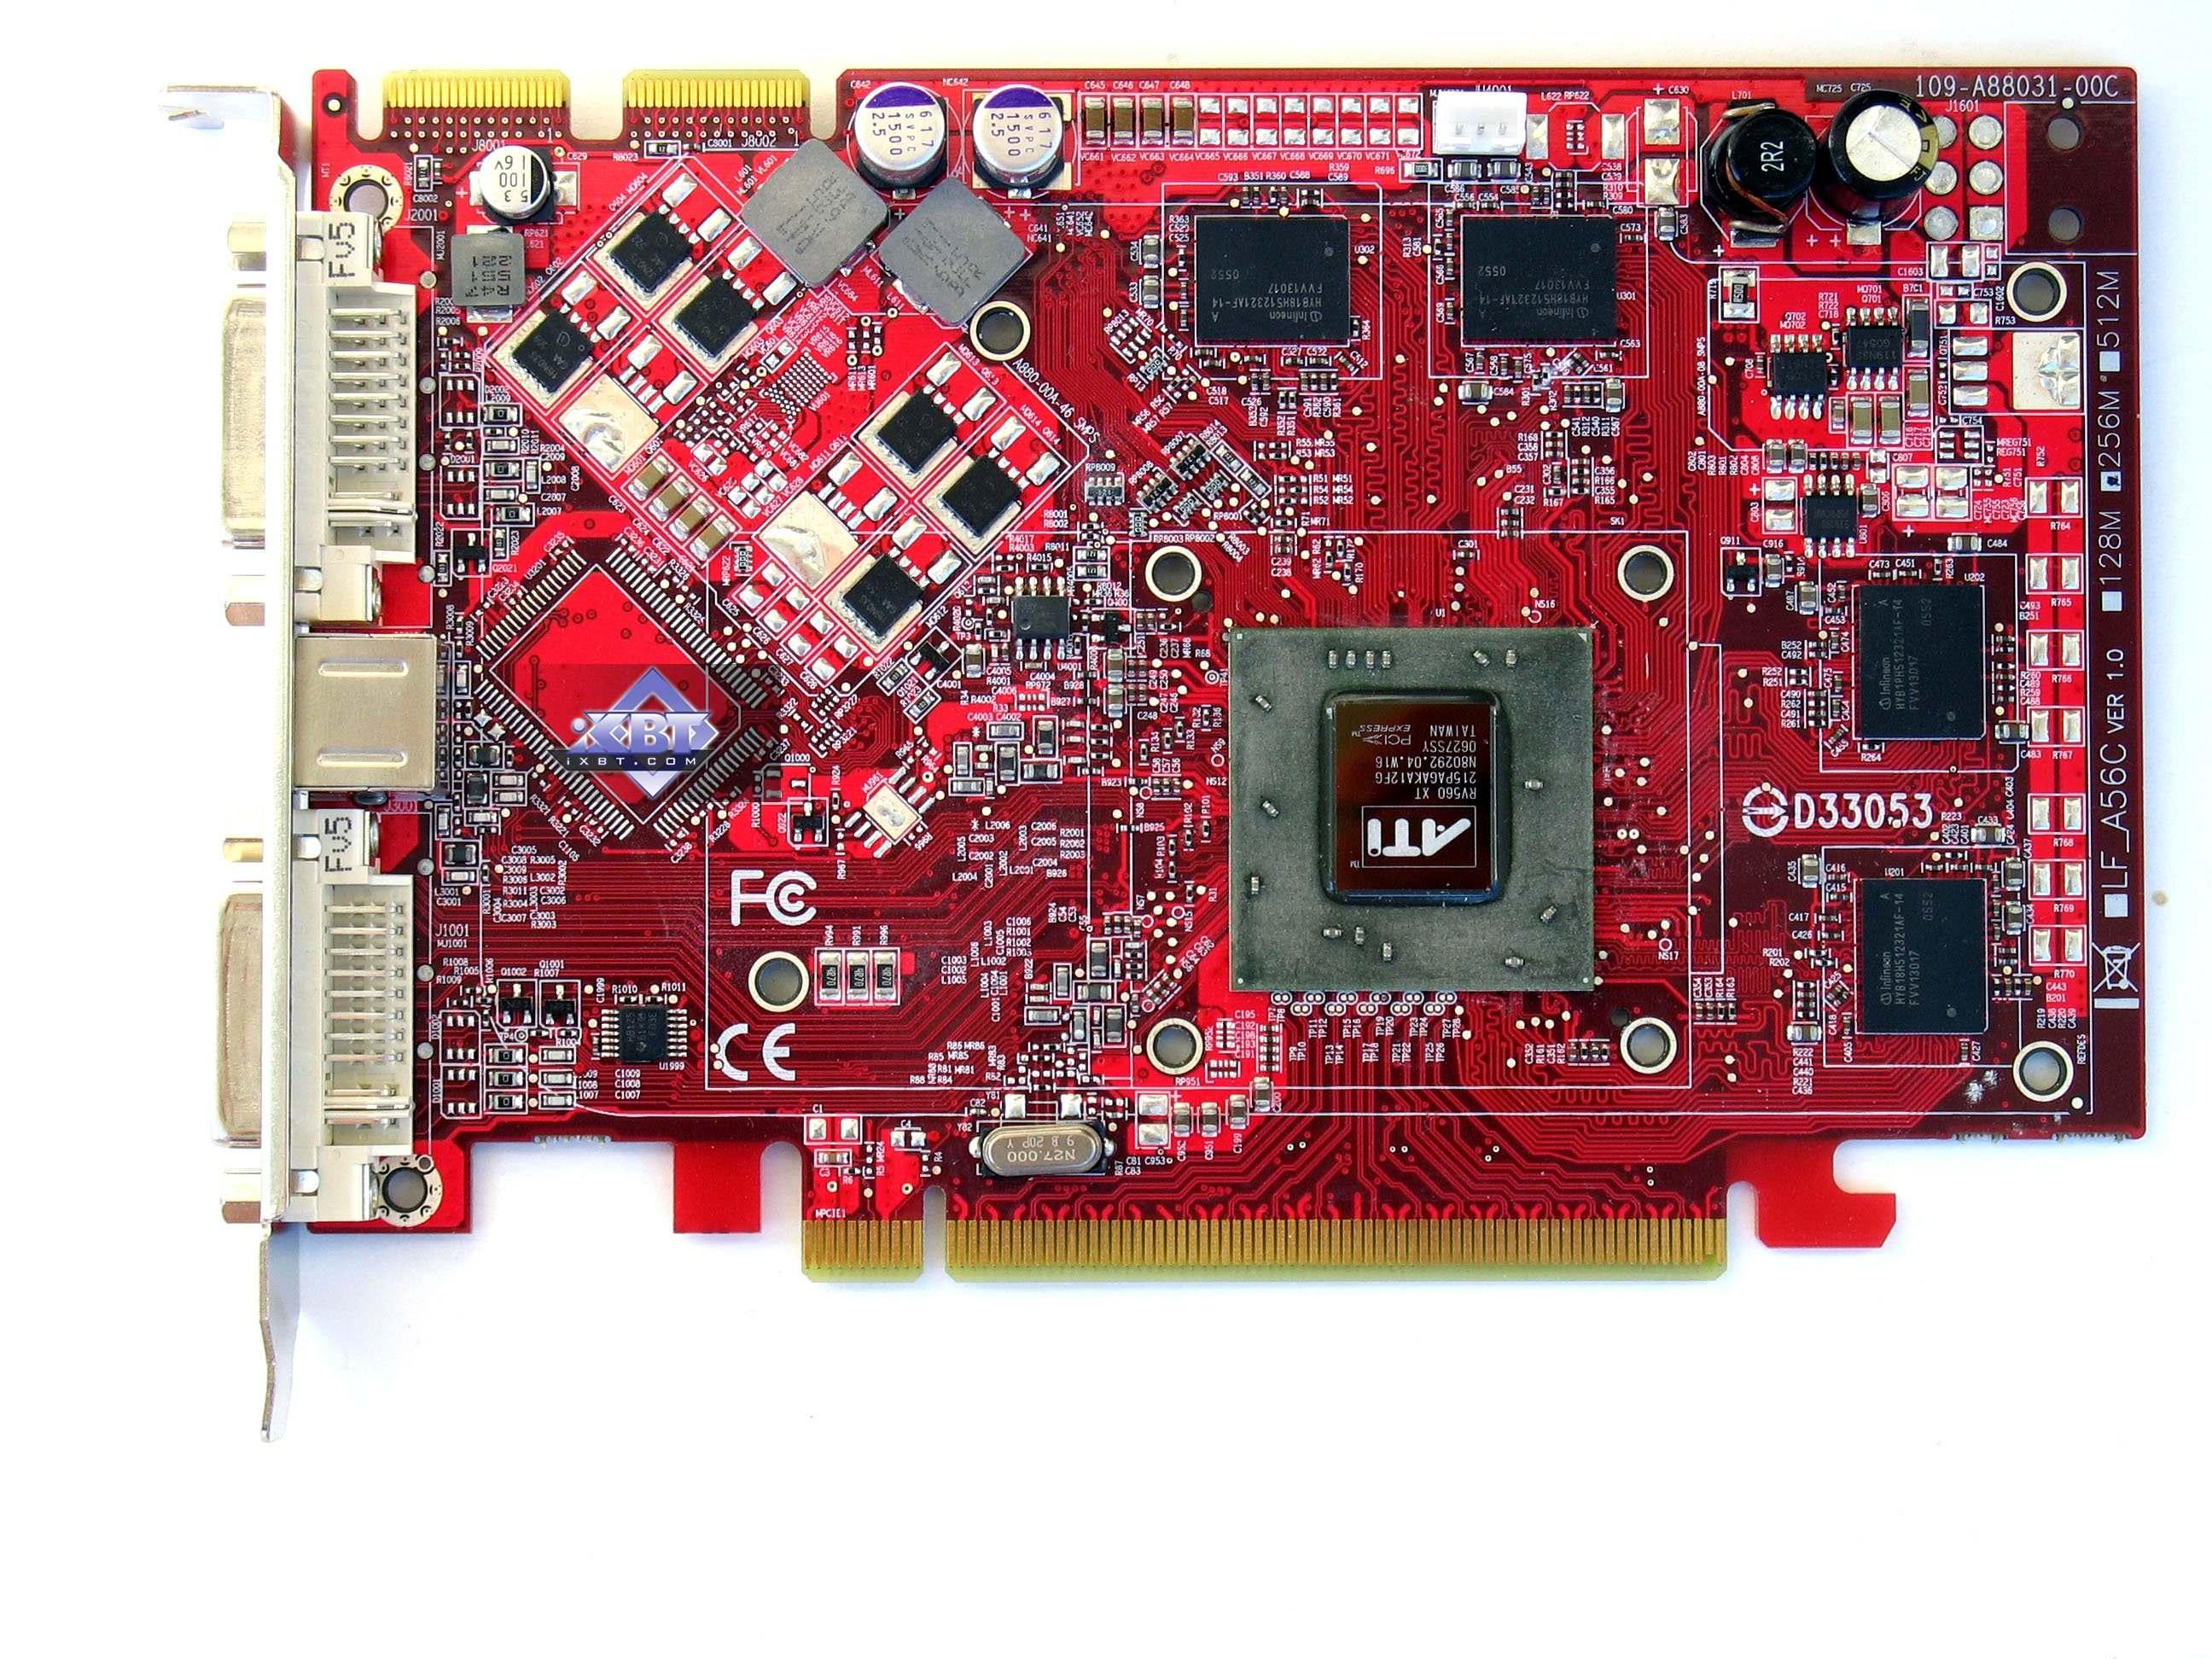 драйвер для radeon x1600 pro 256